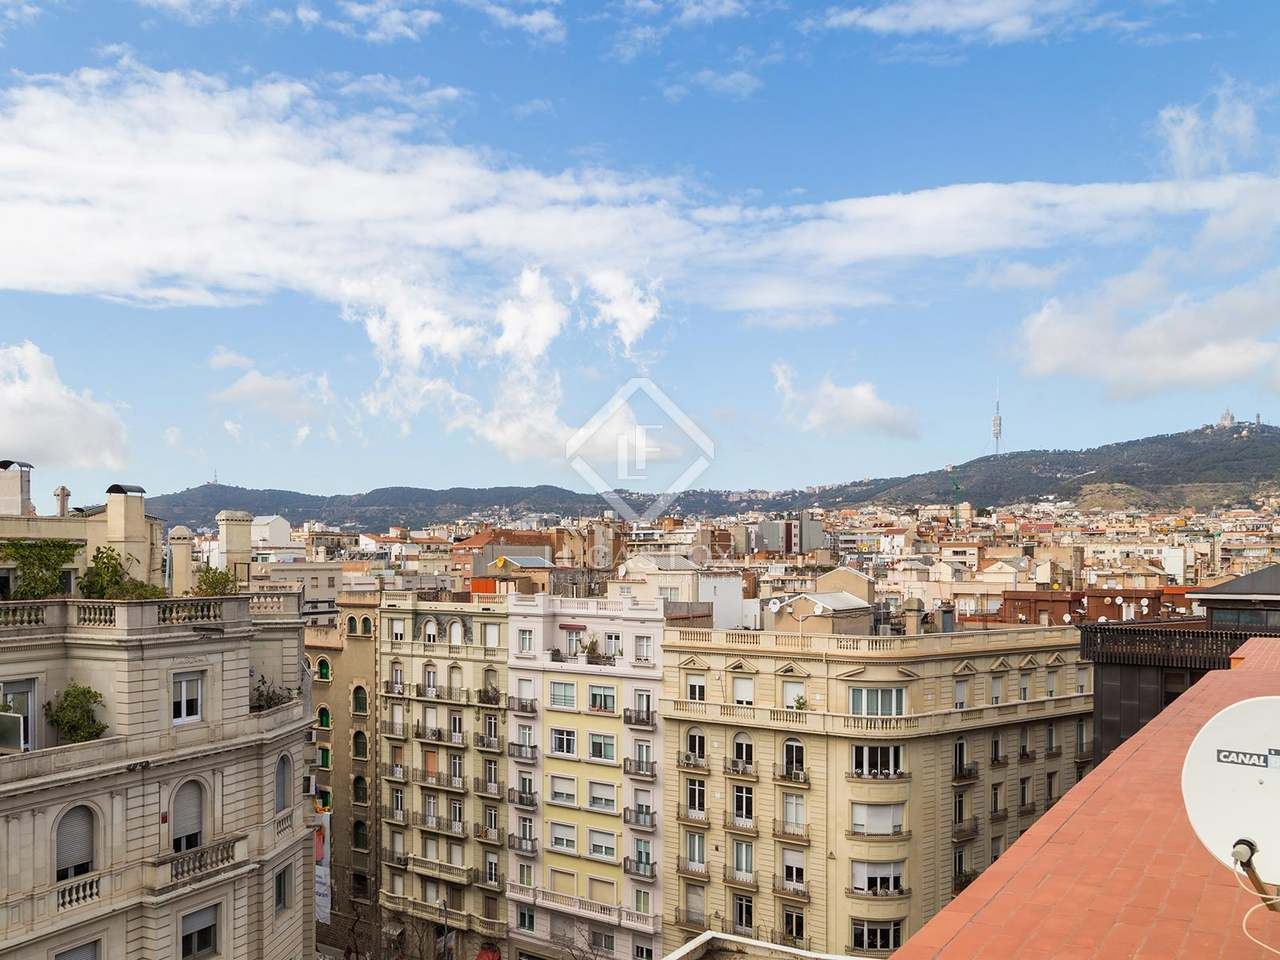 Penthouse for sale in barcelona 39 s zona alta - Zona alta barcelona ...